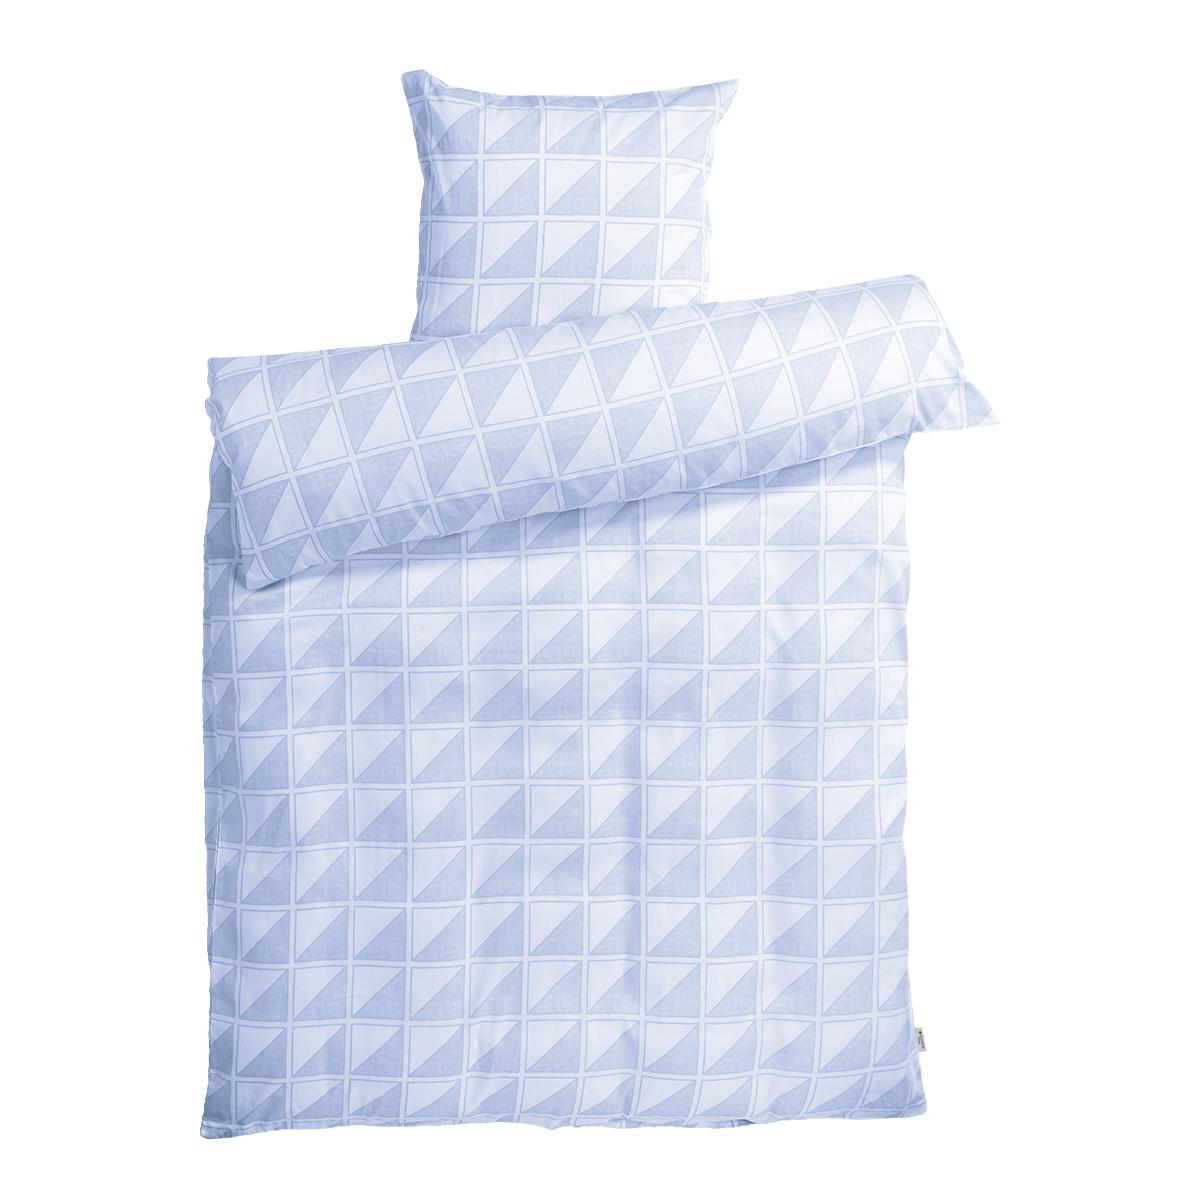 Image of   Redgreen sengetøj - Hvid og lyseblå